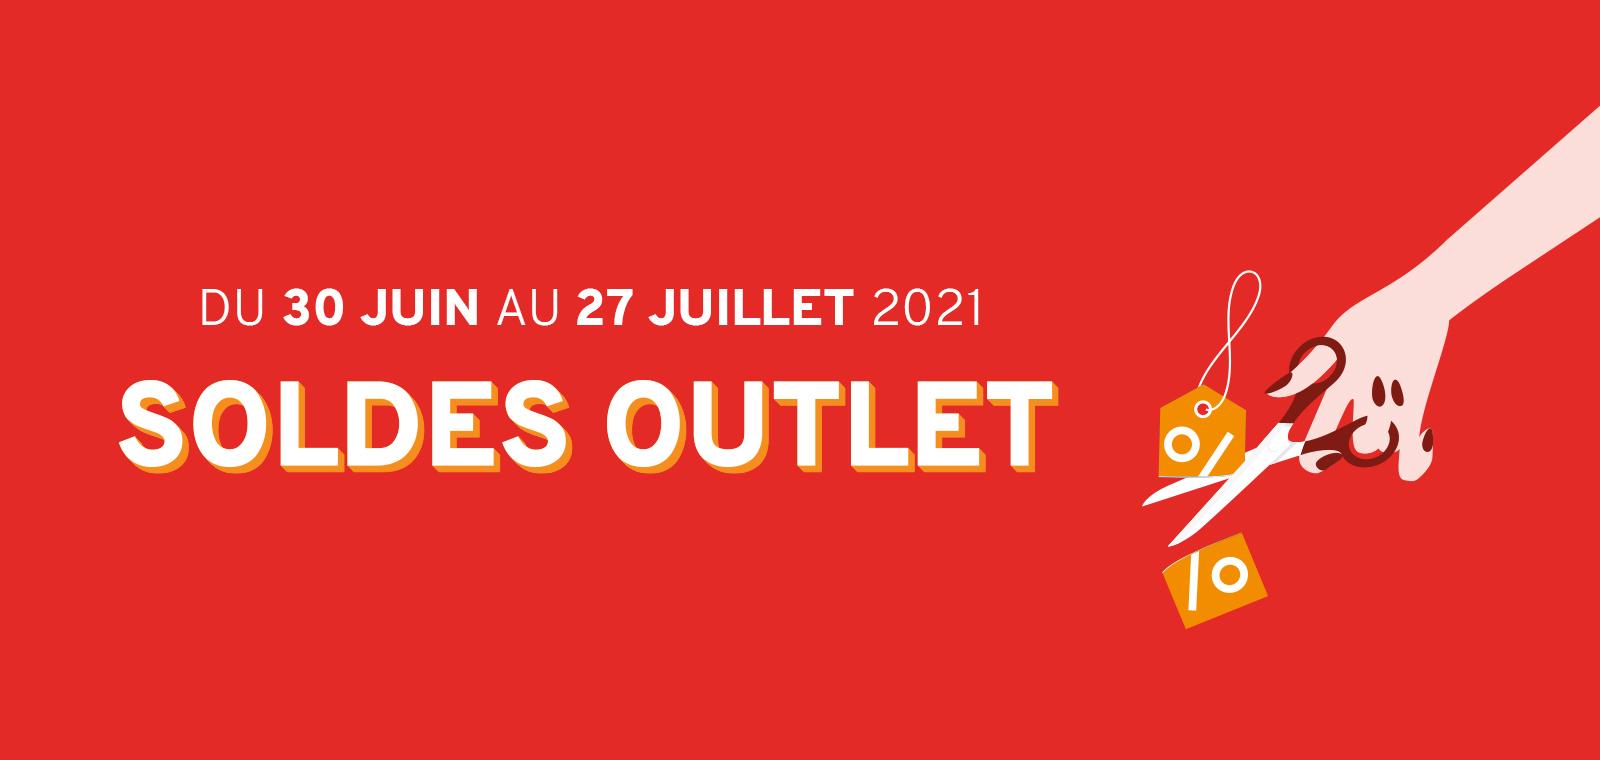 Soldes outlet du 30 juin au 27 juillet 2021